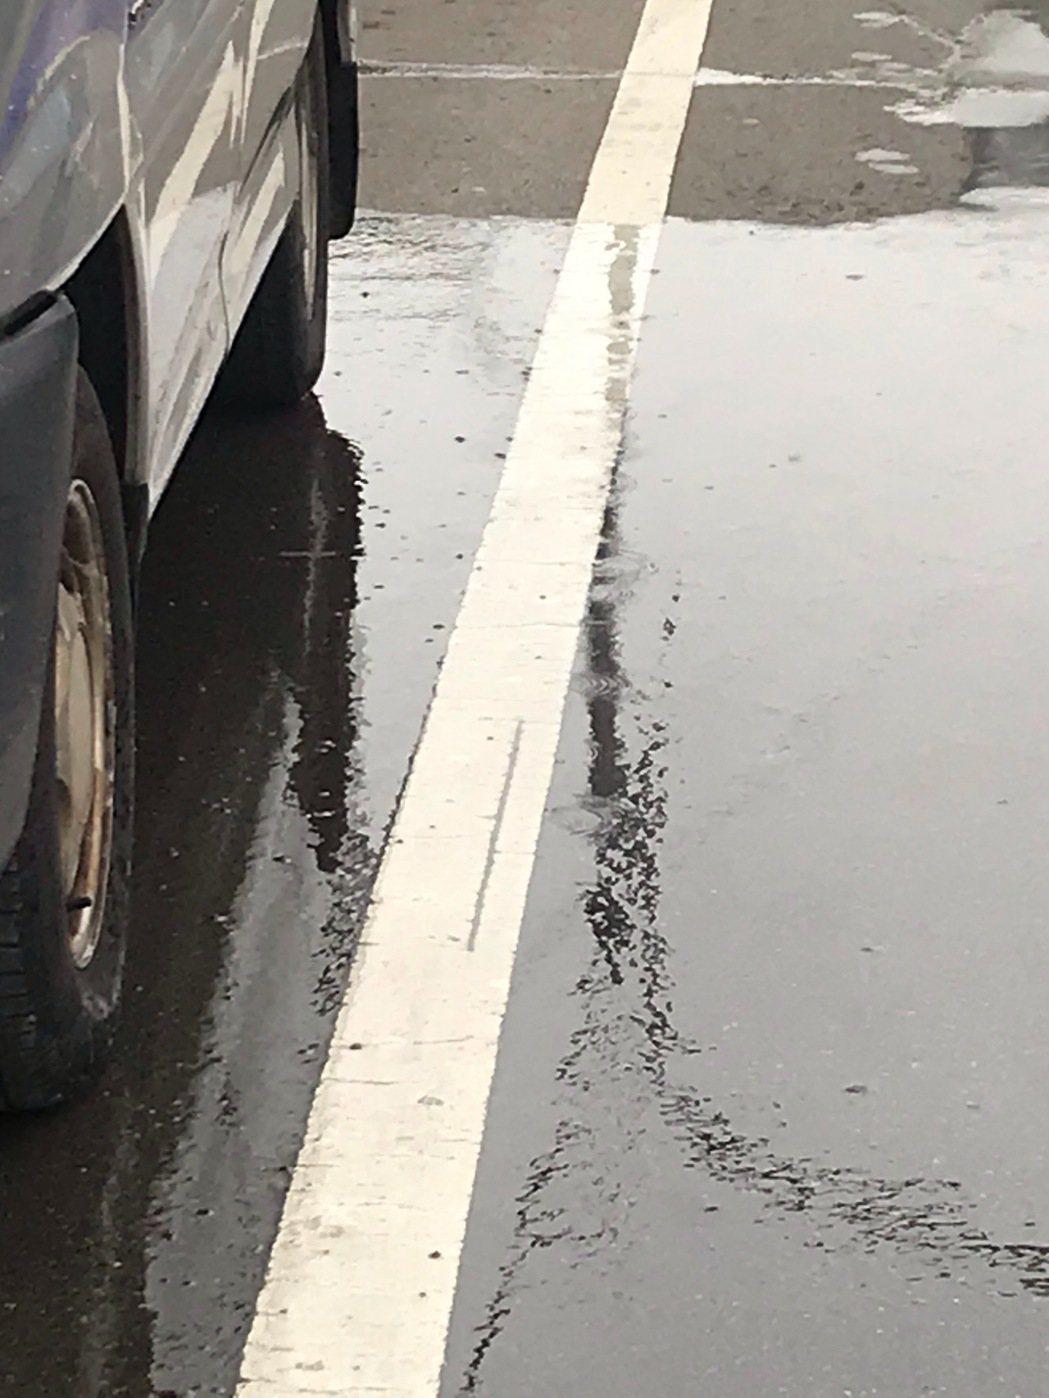 苗栗市文發路416巷附近上午發生天然氣管線漏氣意外,氣體從路面裂縫冒出。圖/苗栗...